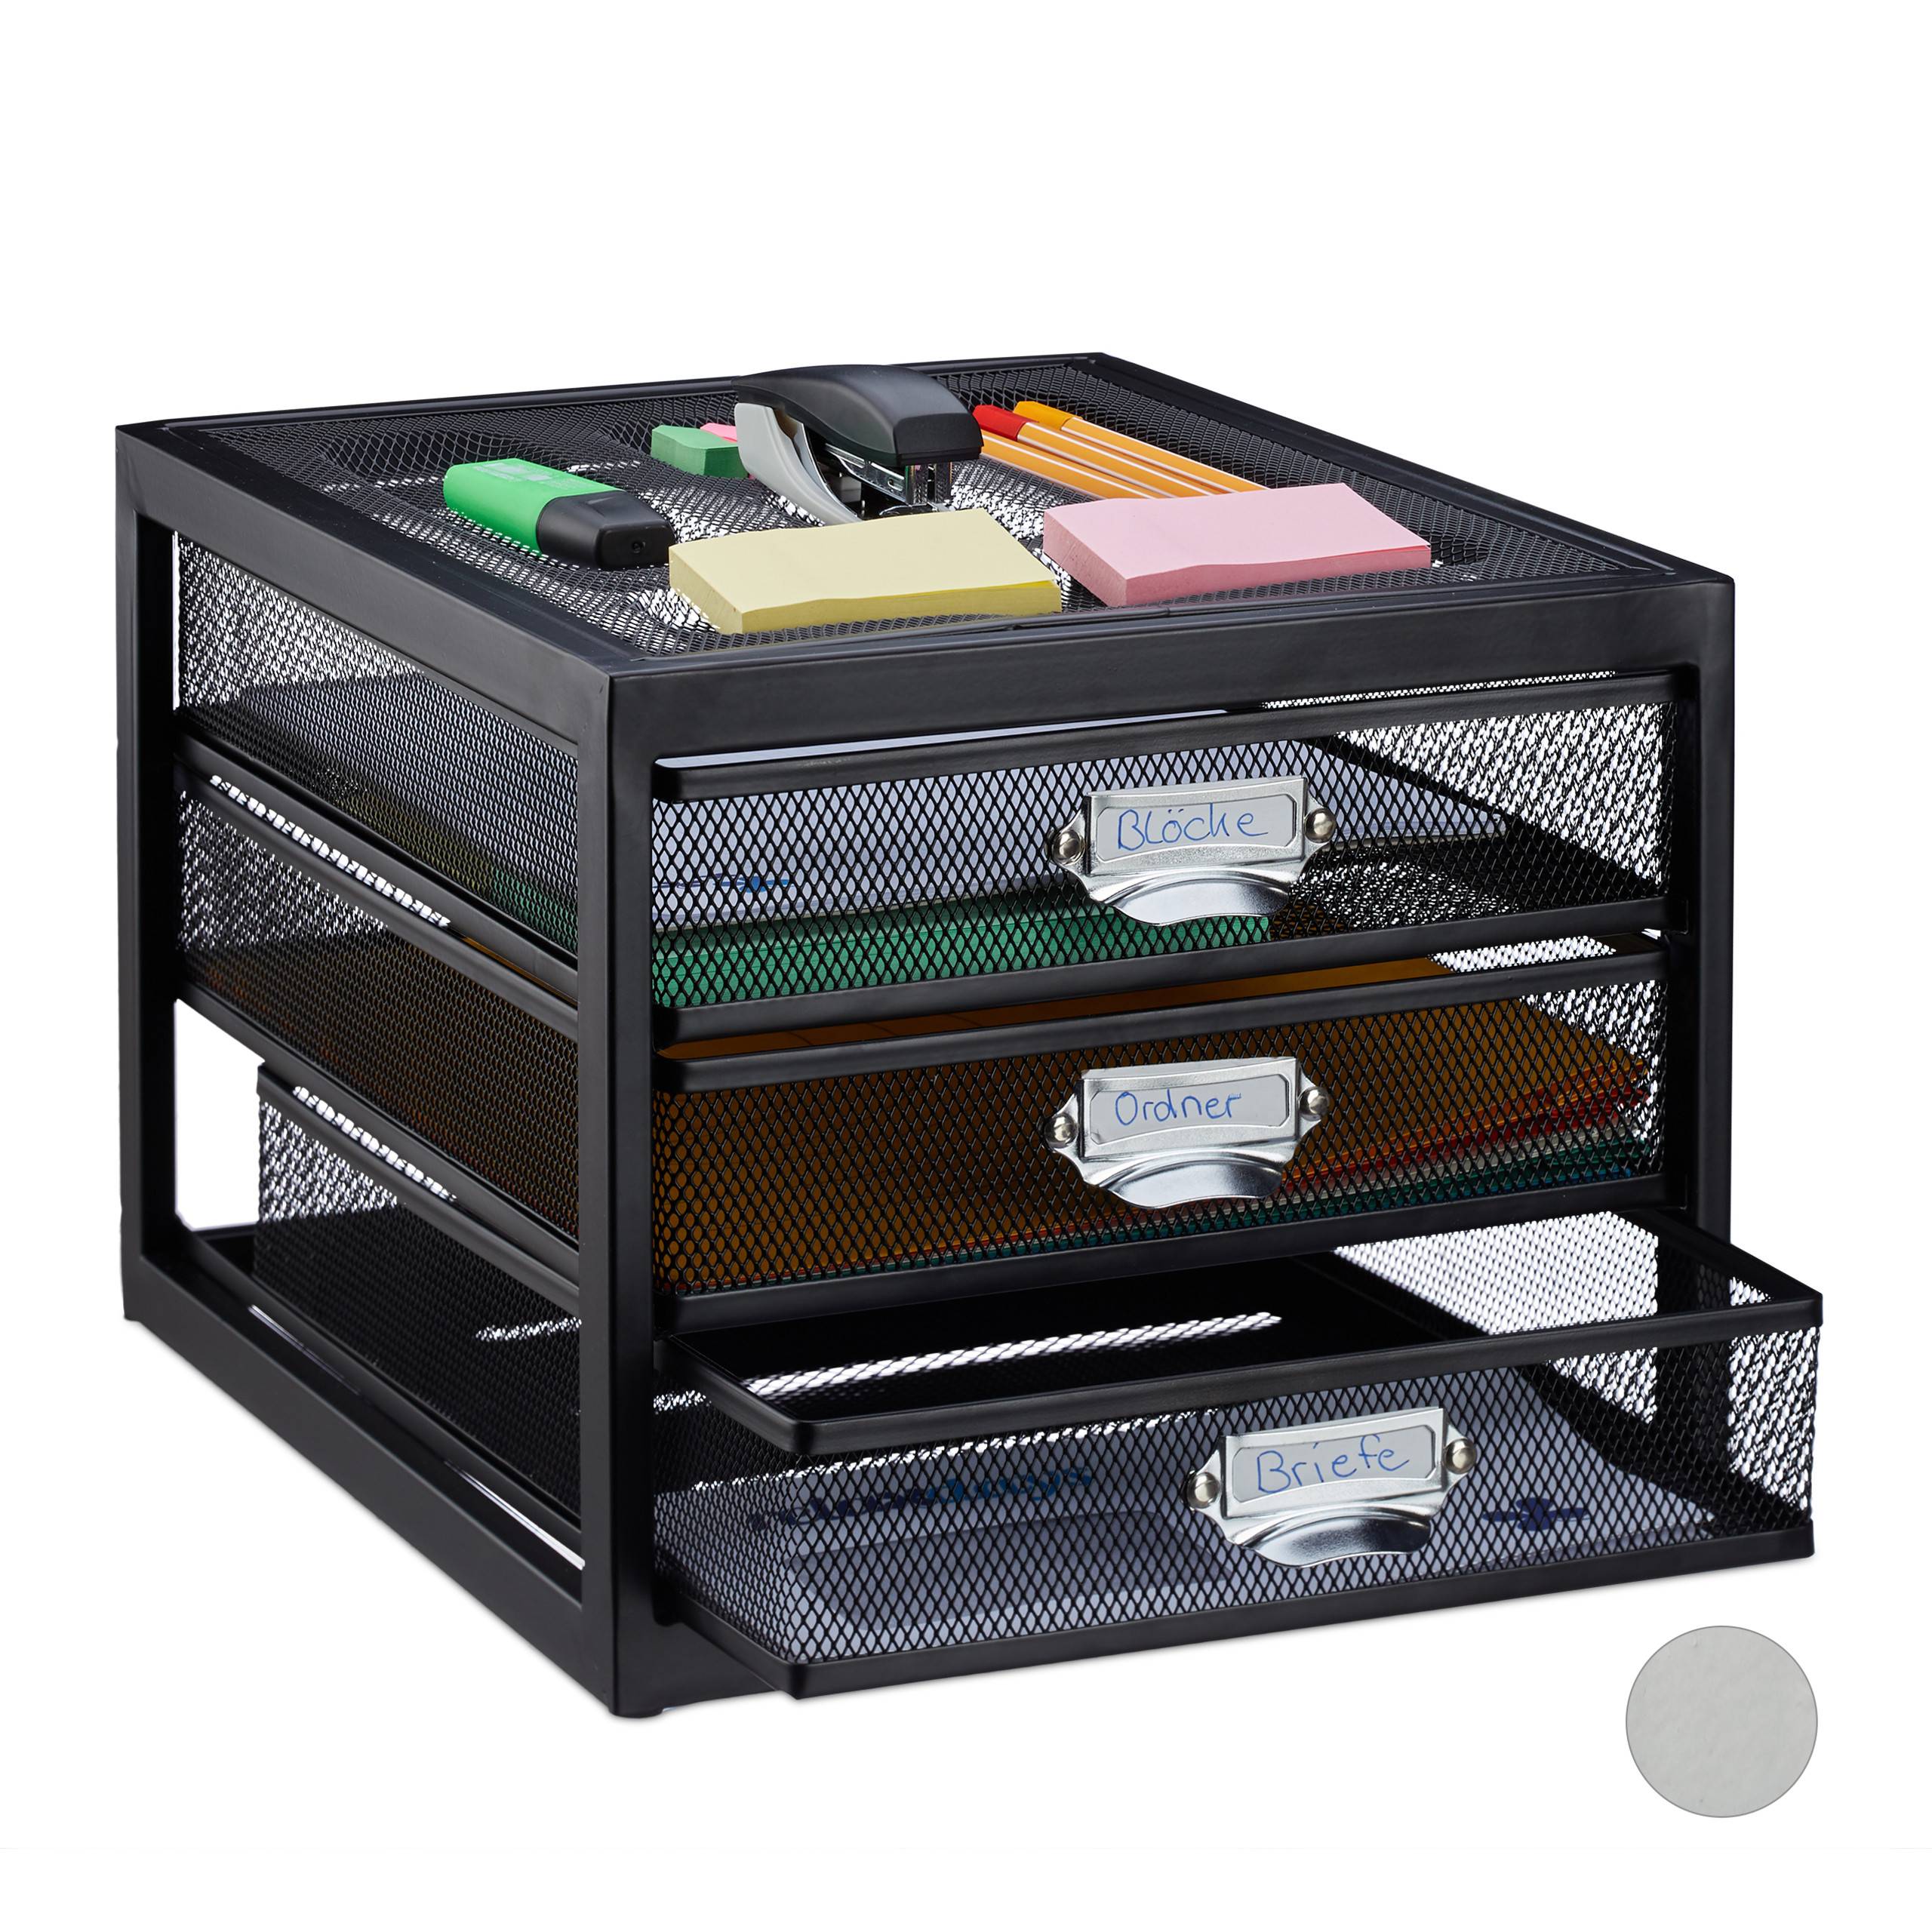 Corbeille-a-courrier-porte-documents-organiseur-porte-revues-3-tiroirs miniature 11